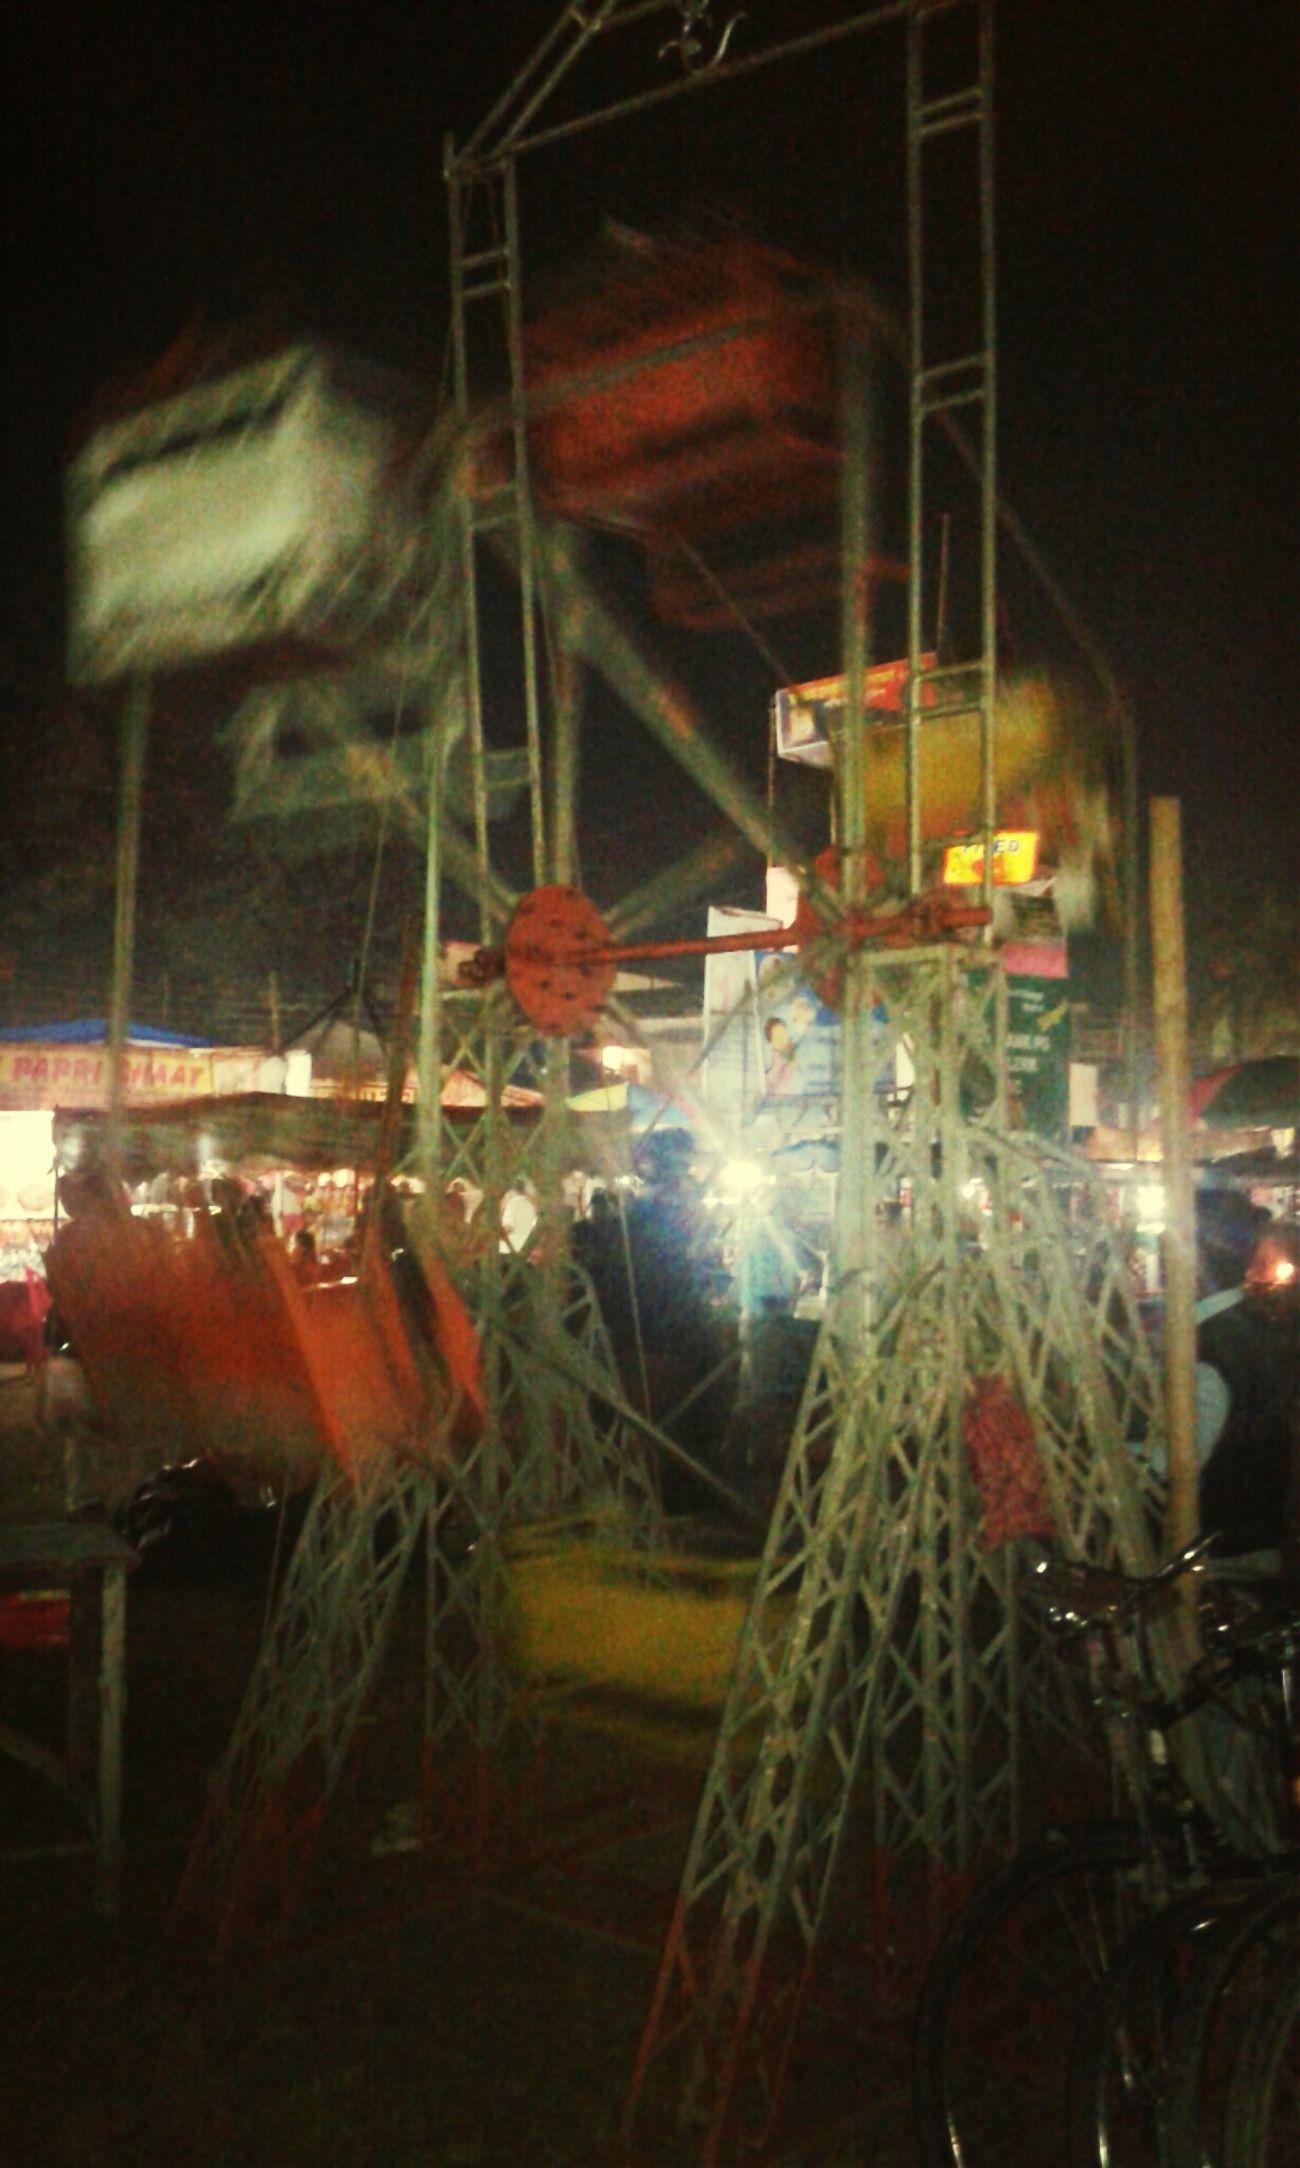 Funtime Carnival Celebration